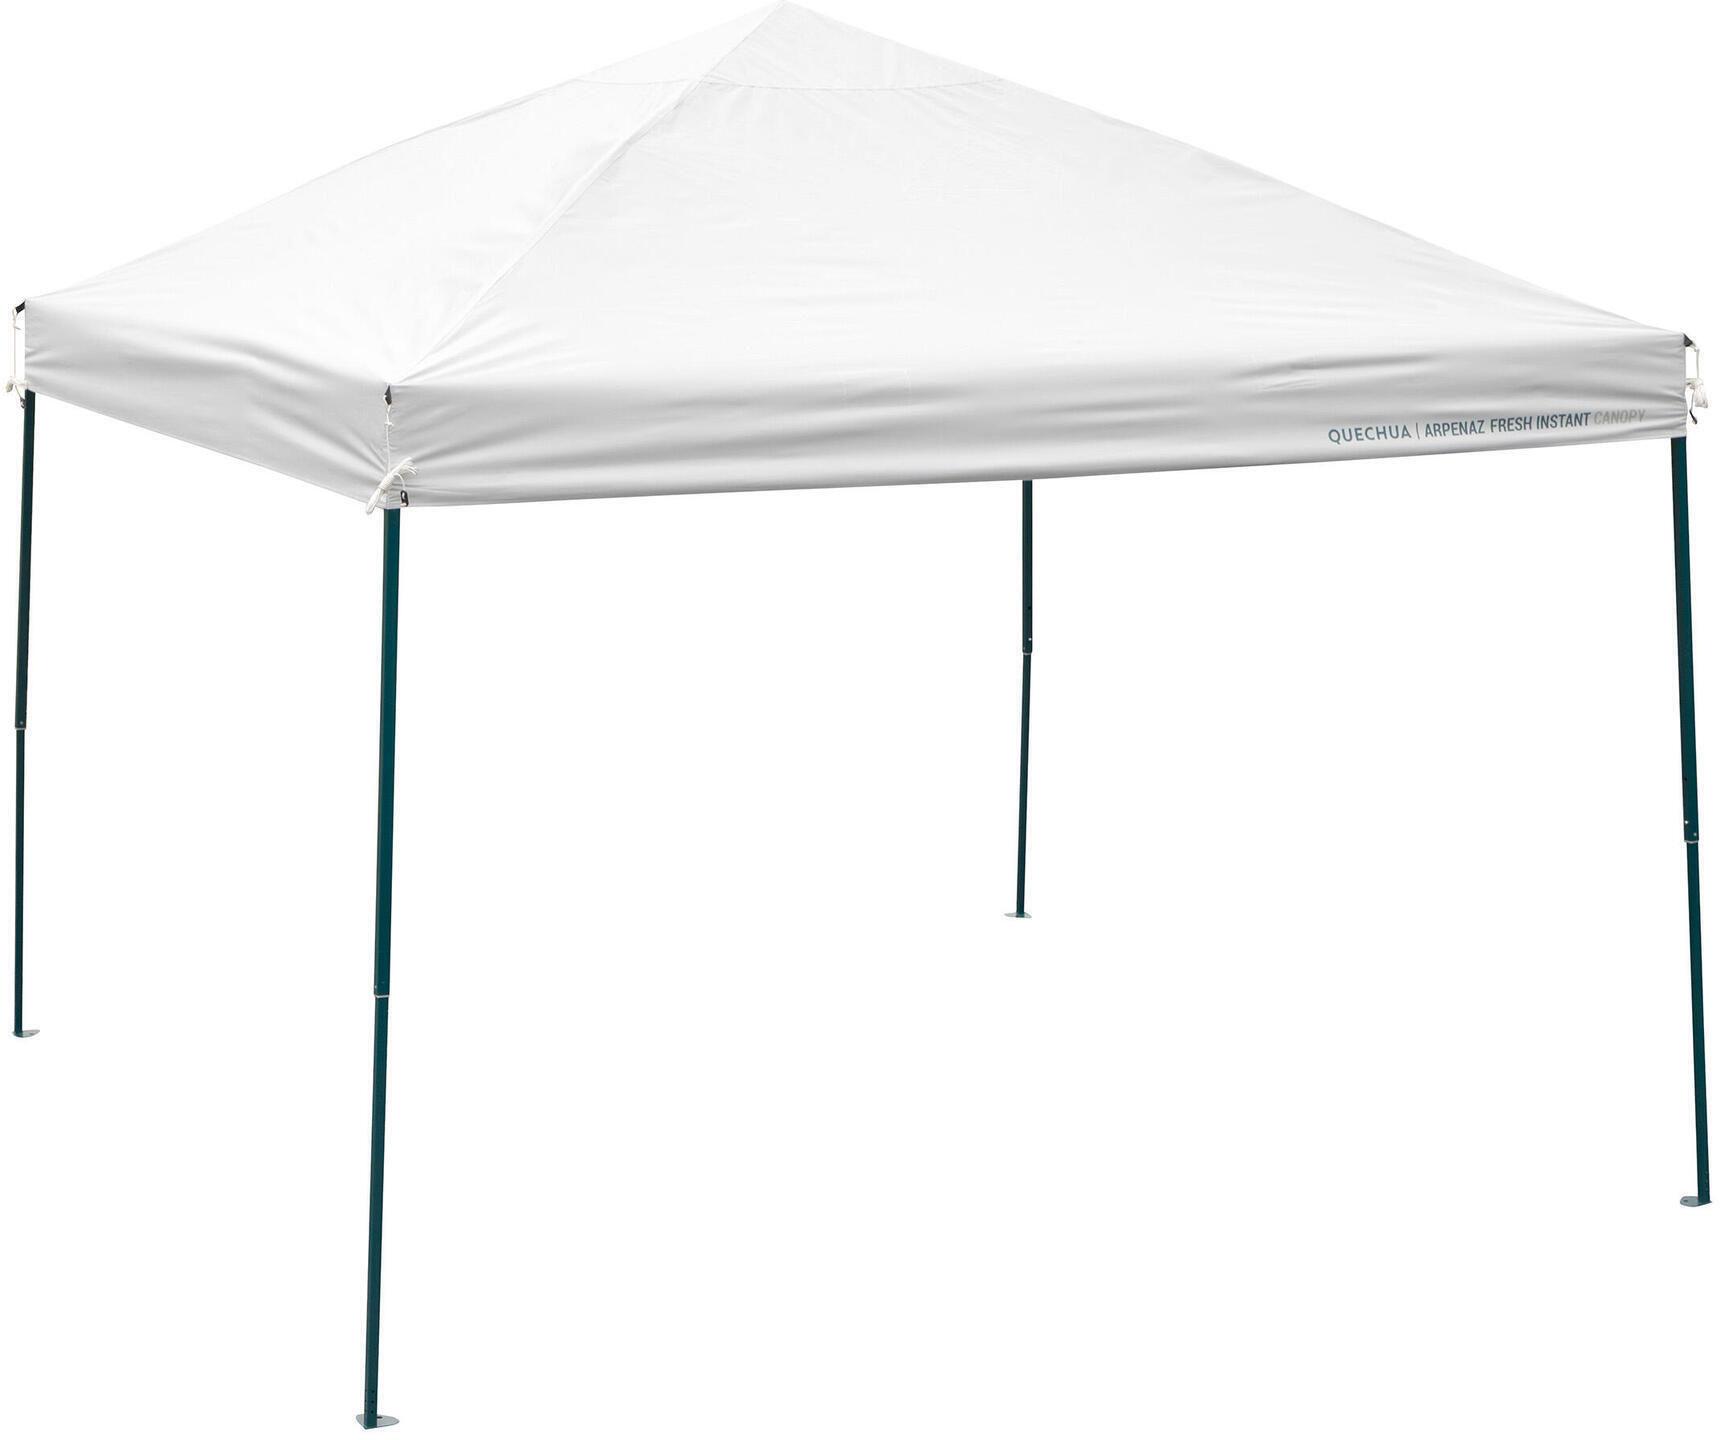 Przedsionek kempingowy - Arpenaz Fresh Instant Canopy - dla 8 osób